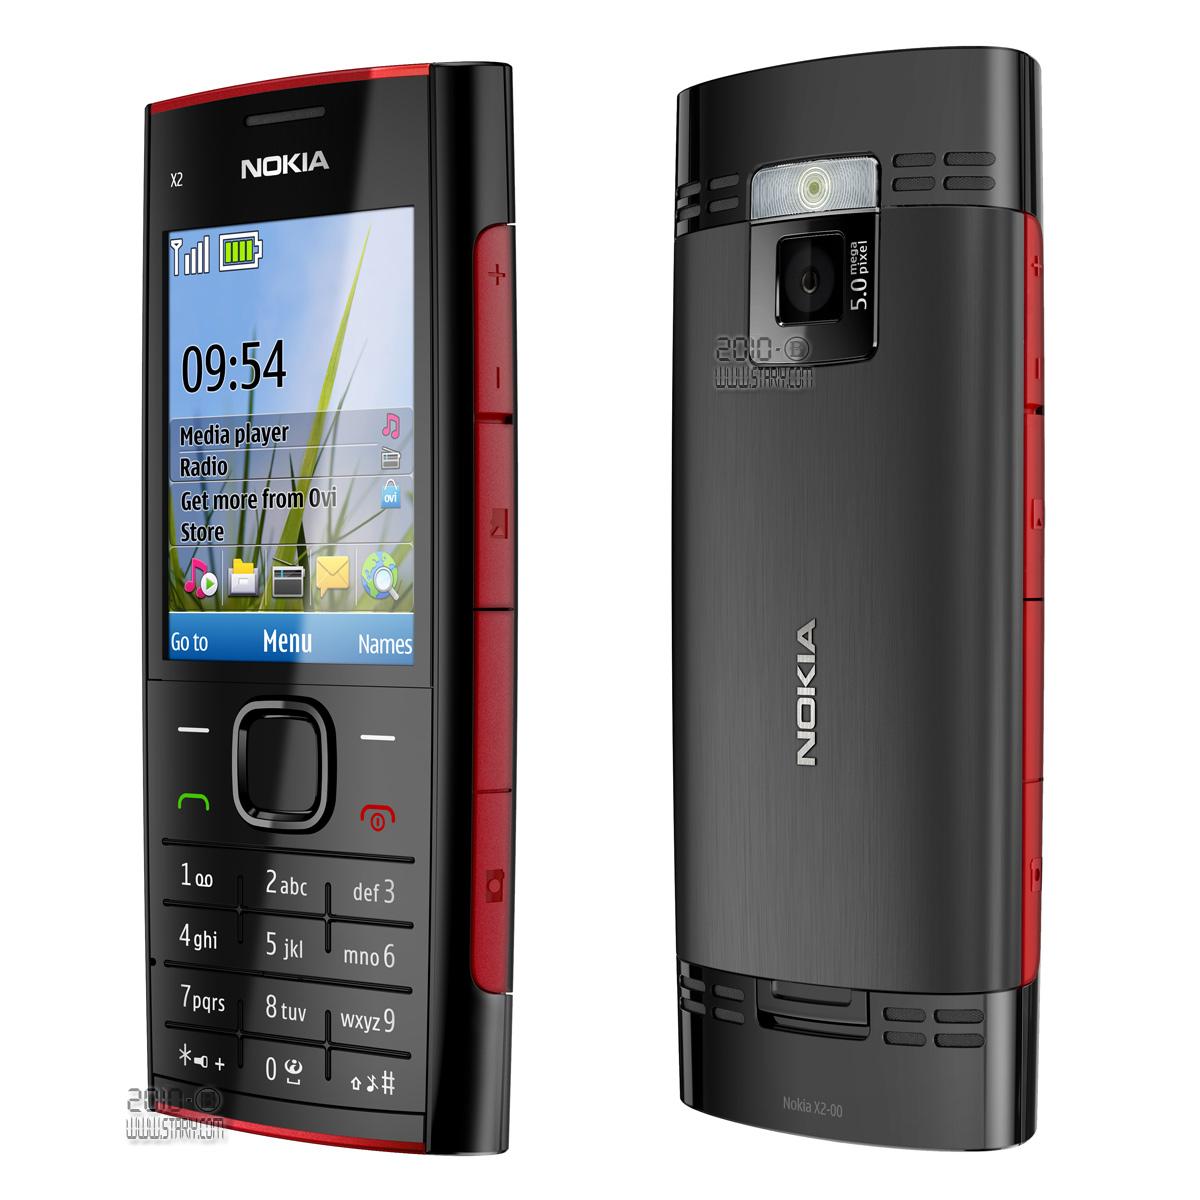 WhatsApp disponible para equipos Nokia S40